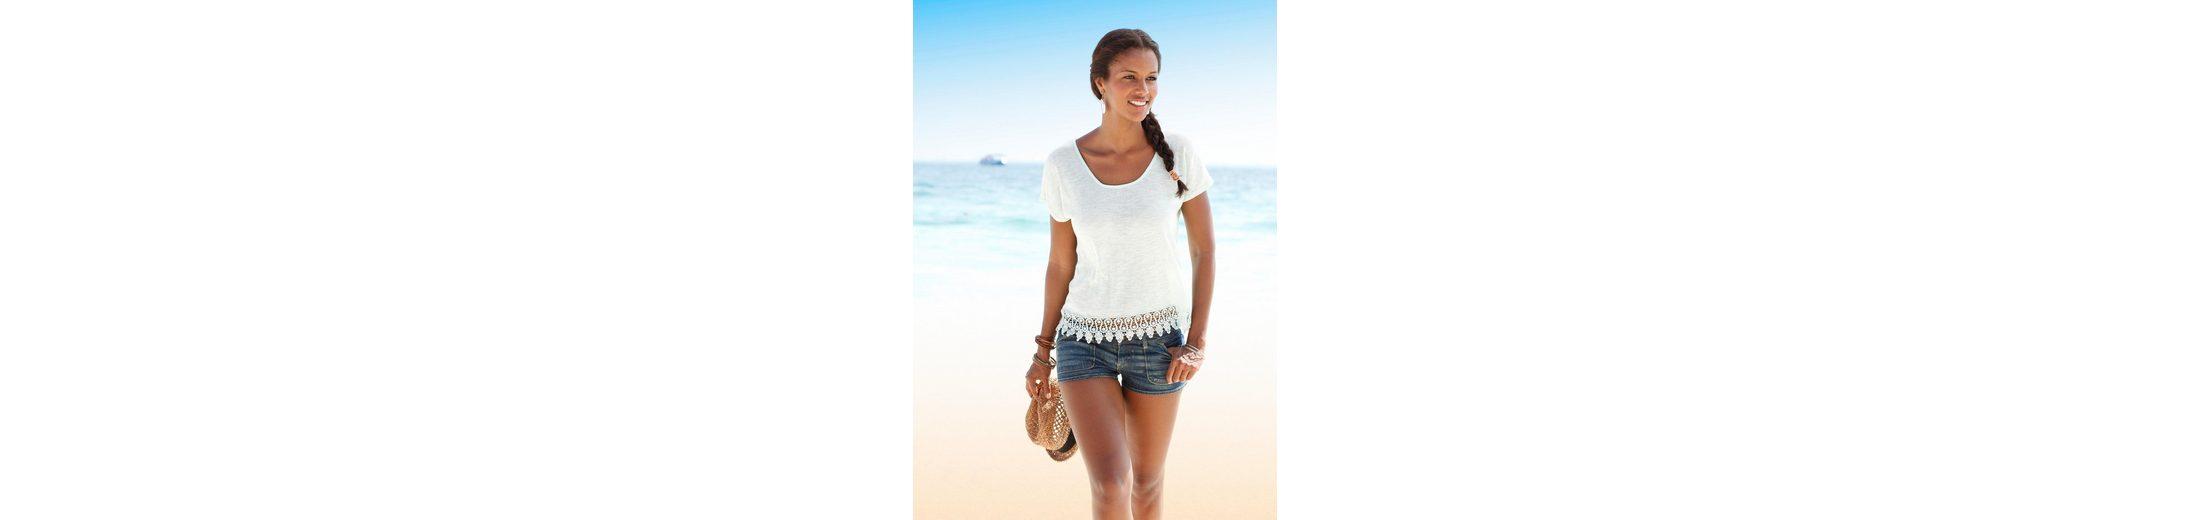 LASCANA Strandpullover mit Spitze Auslass Zahlung Mit Visa Footlocker Finish Günstig Online Billig Billig Neueste ktZso